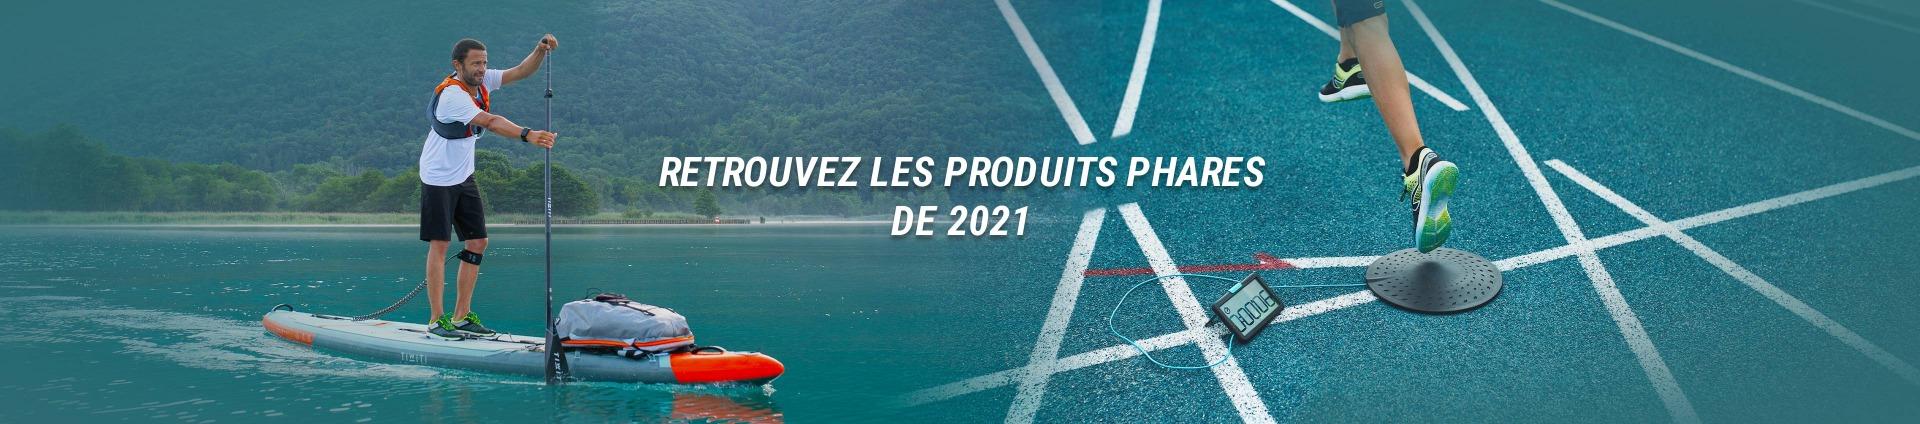 RETROUVEZ LES PRODUITS PHARES DE 2021